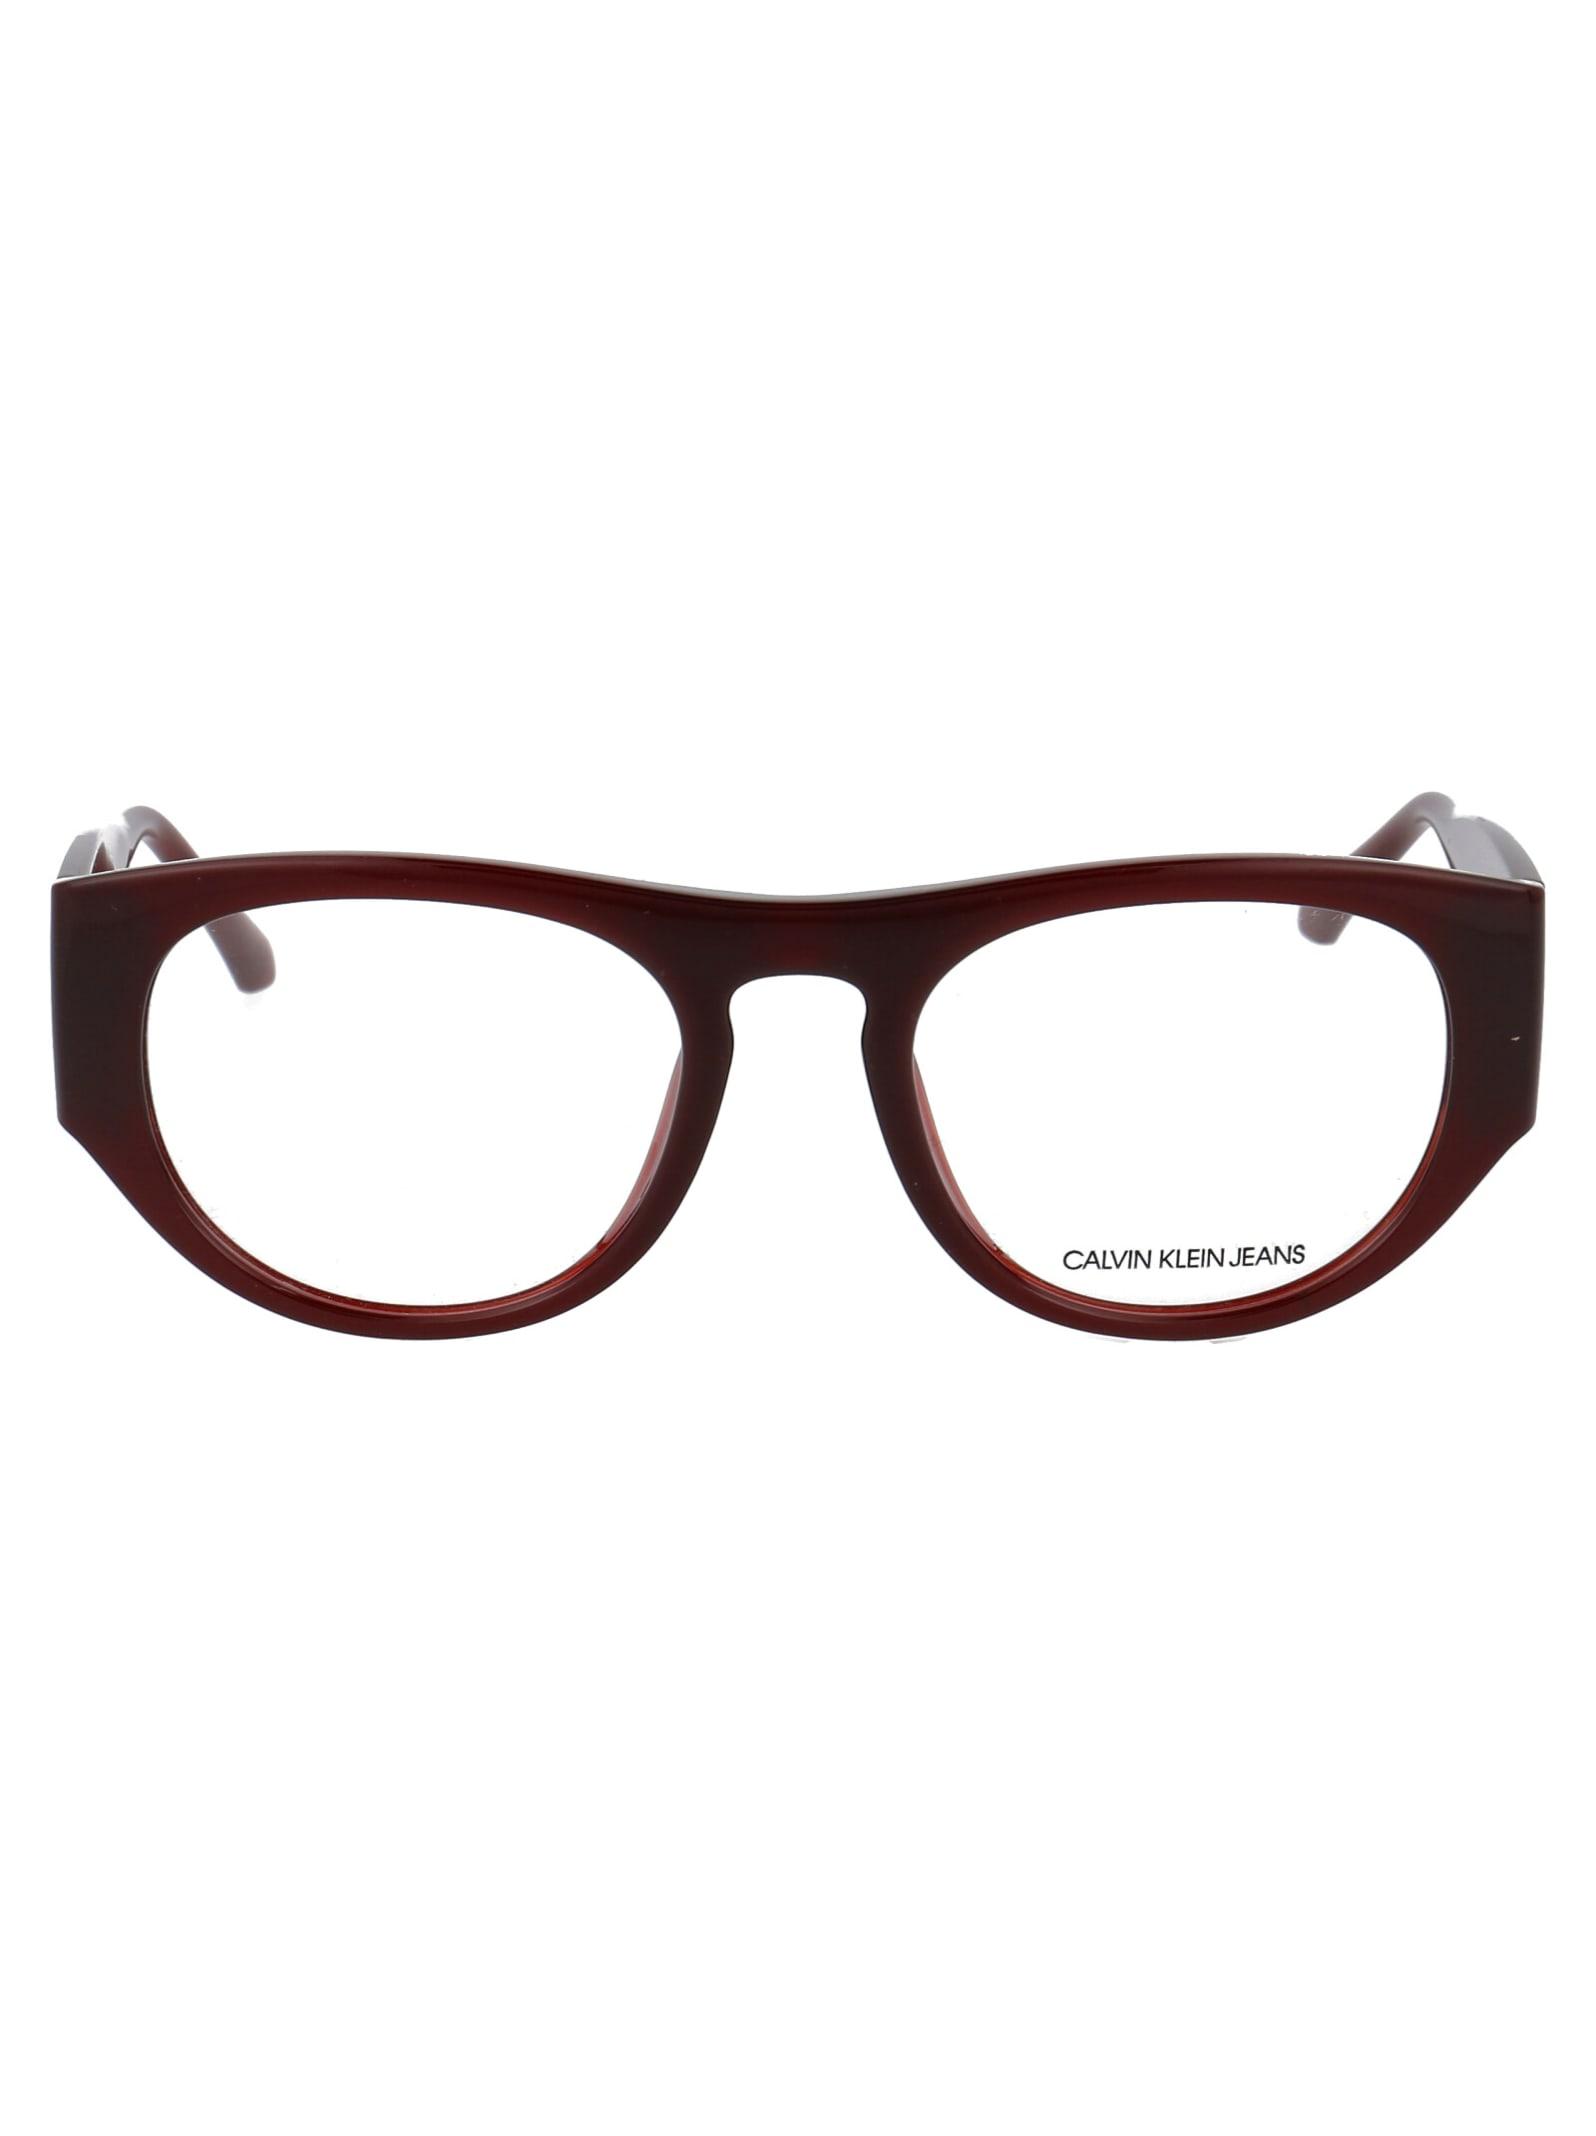 Ckj19510 Glasses